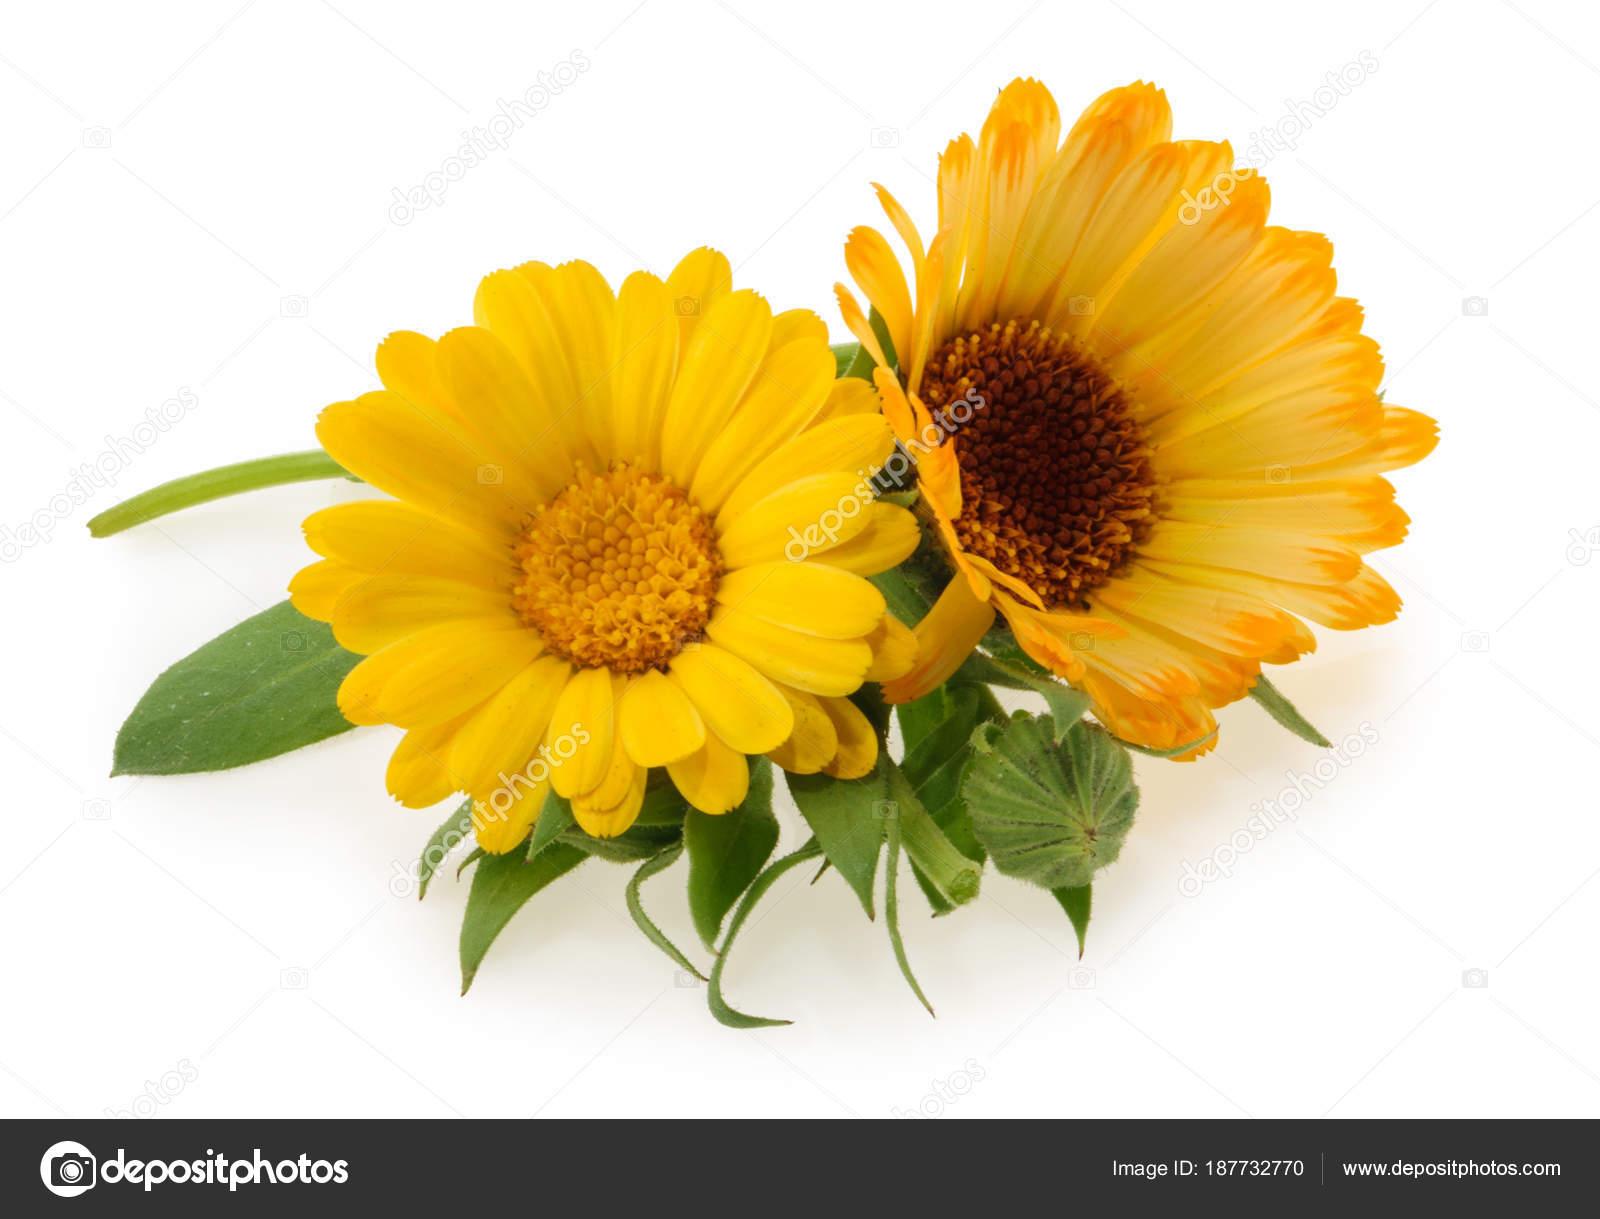 Marigold flowers isolated on white stock photo ovydyborets marigold flowers isolated on white stock photo mightylinksfo